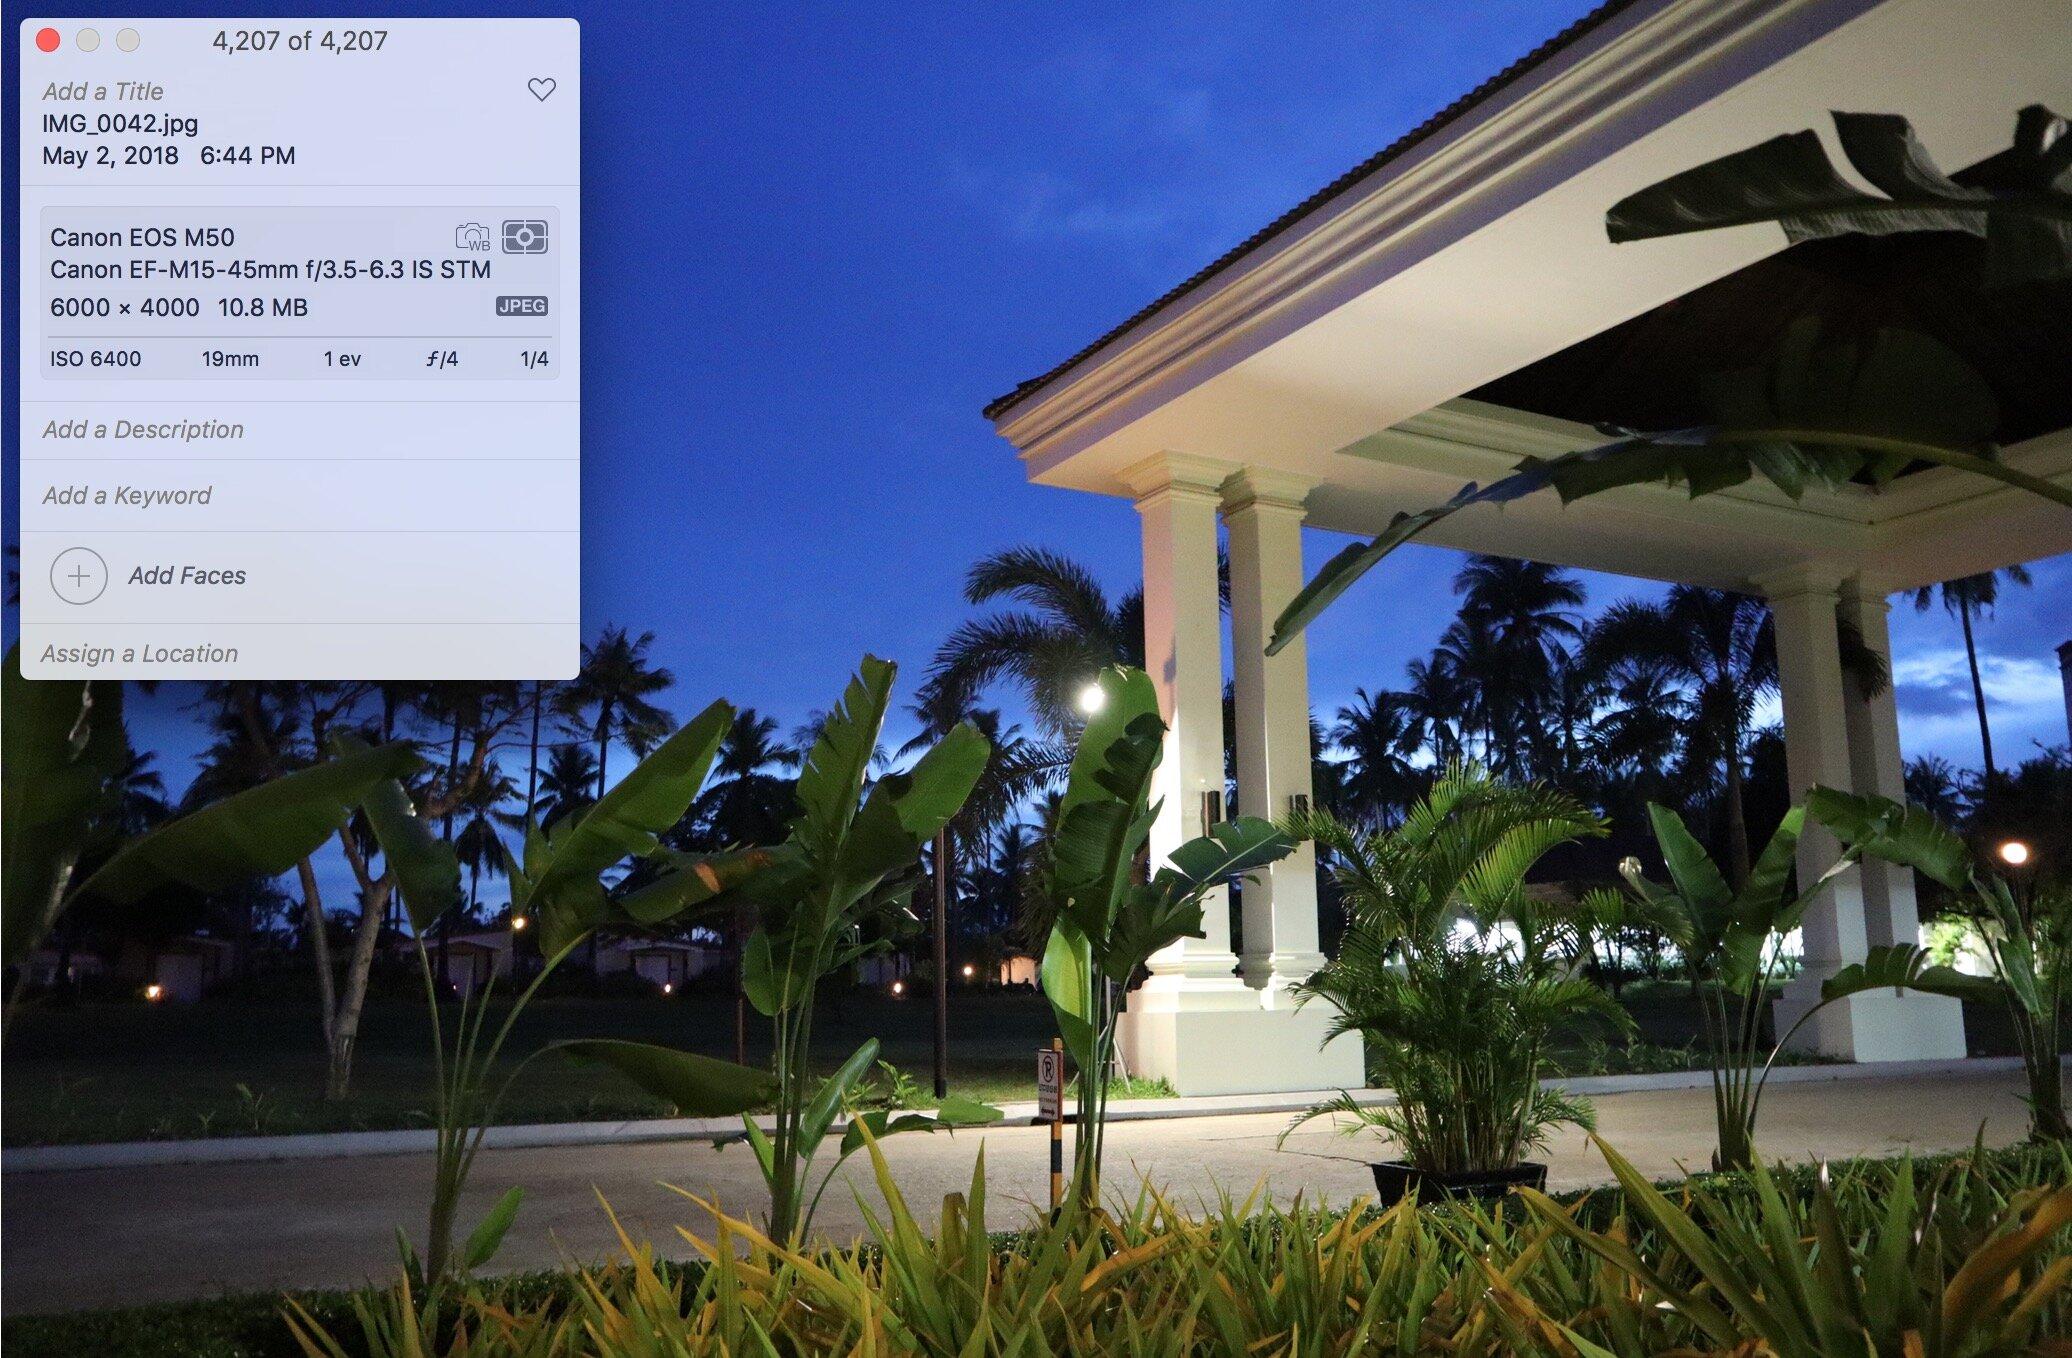 Ảnh chụp thực tế với mức ISO 6400 trong điều kiện trời tối, đèn mờ, mắt thường không thấy được của Canon